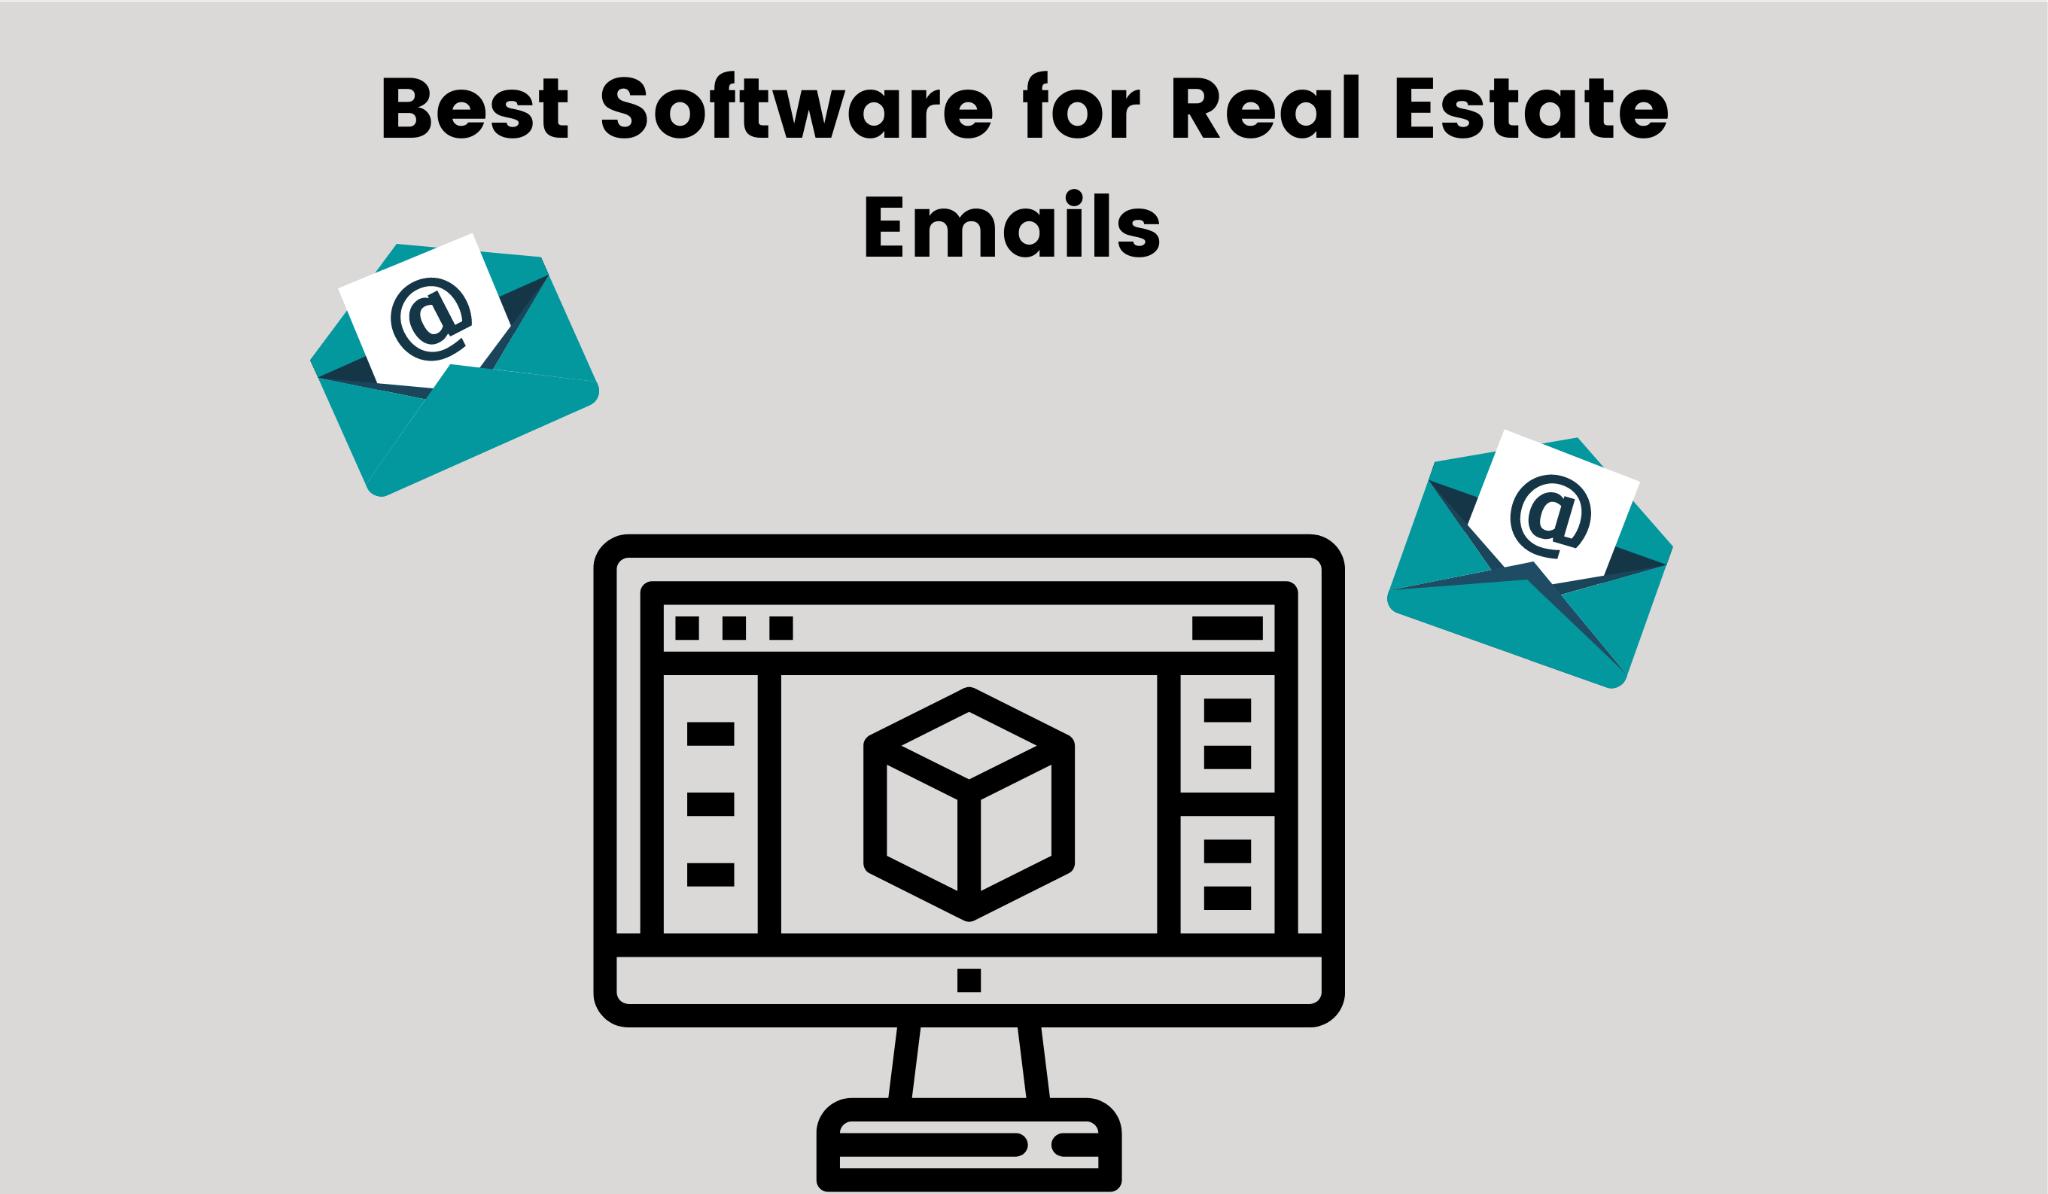 List of best softwares for designing real estate emails.